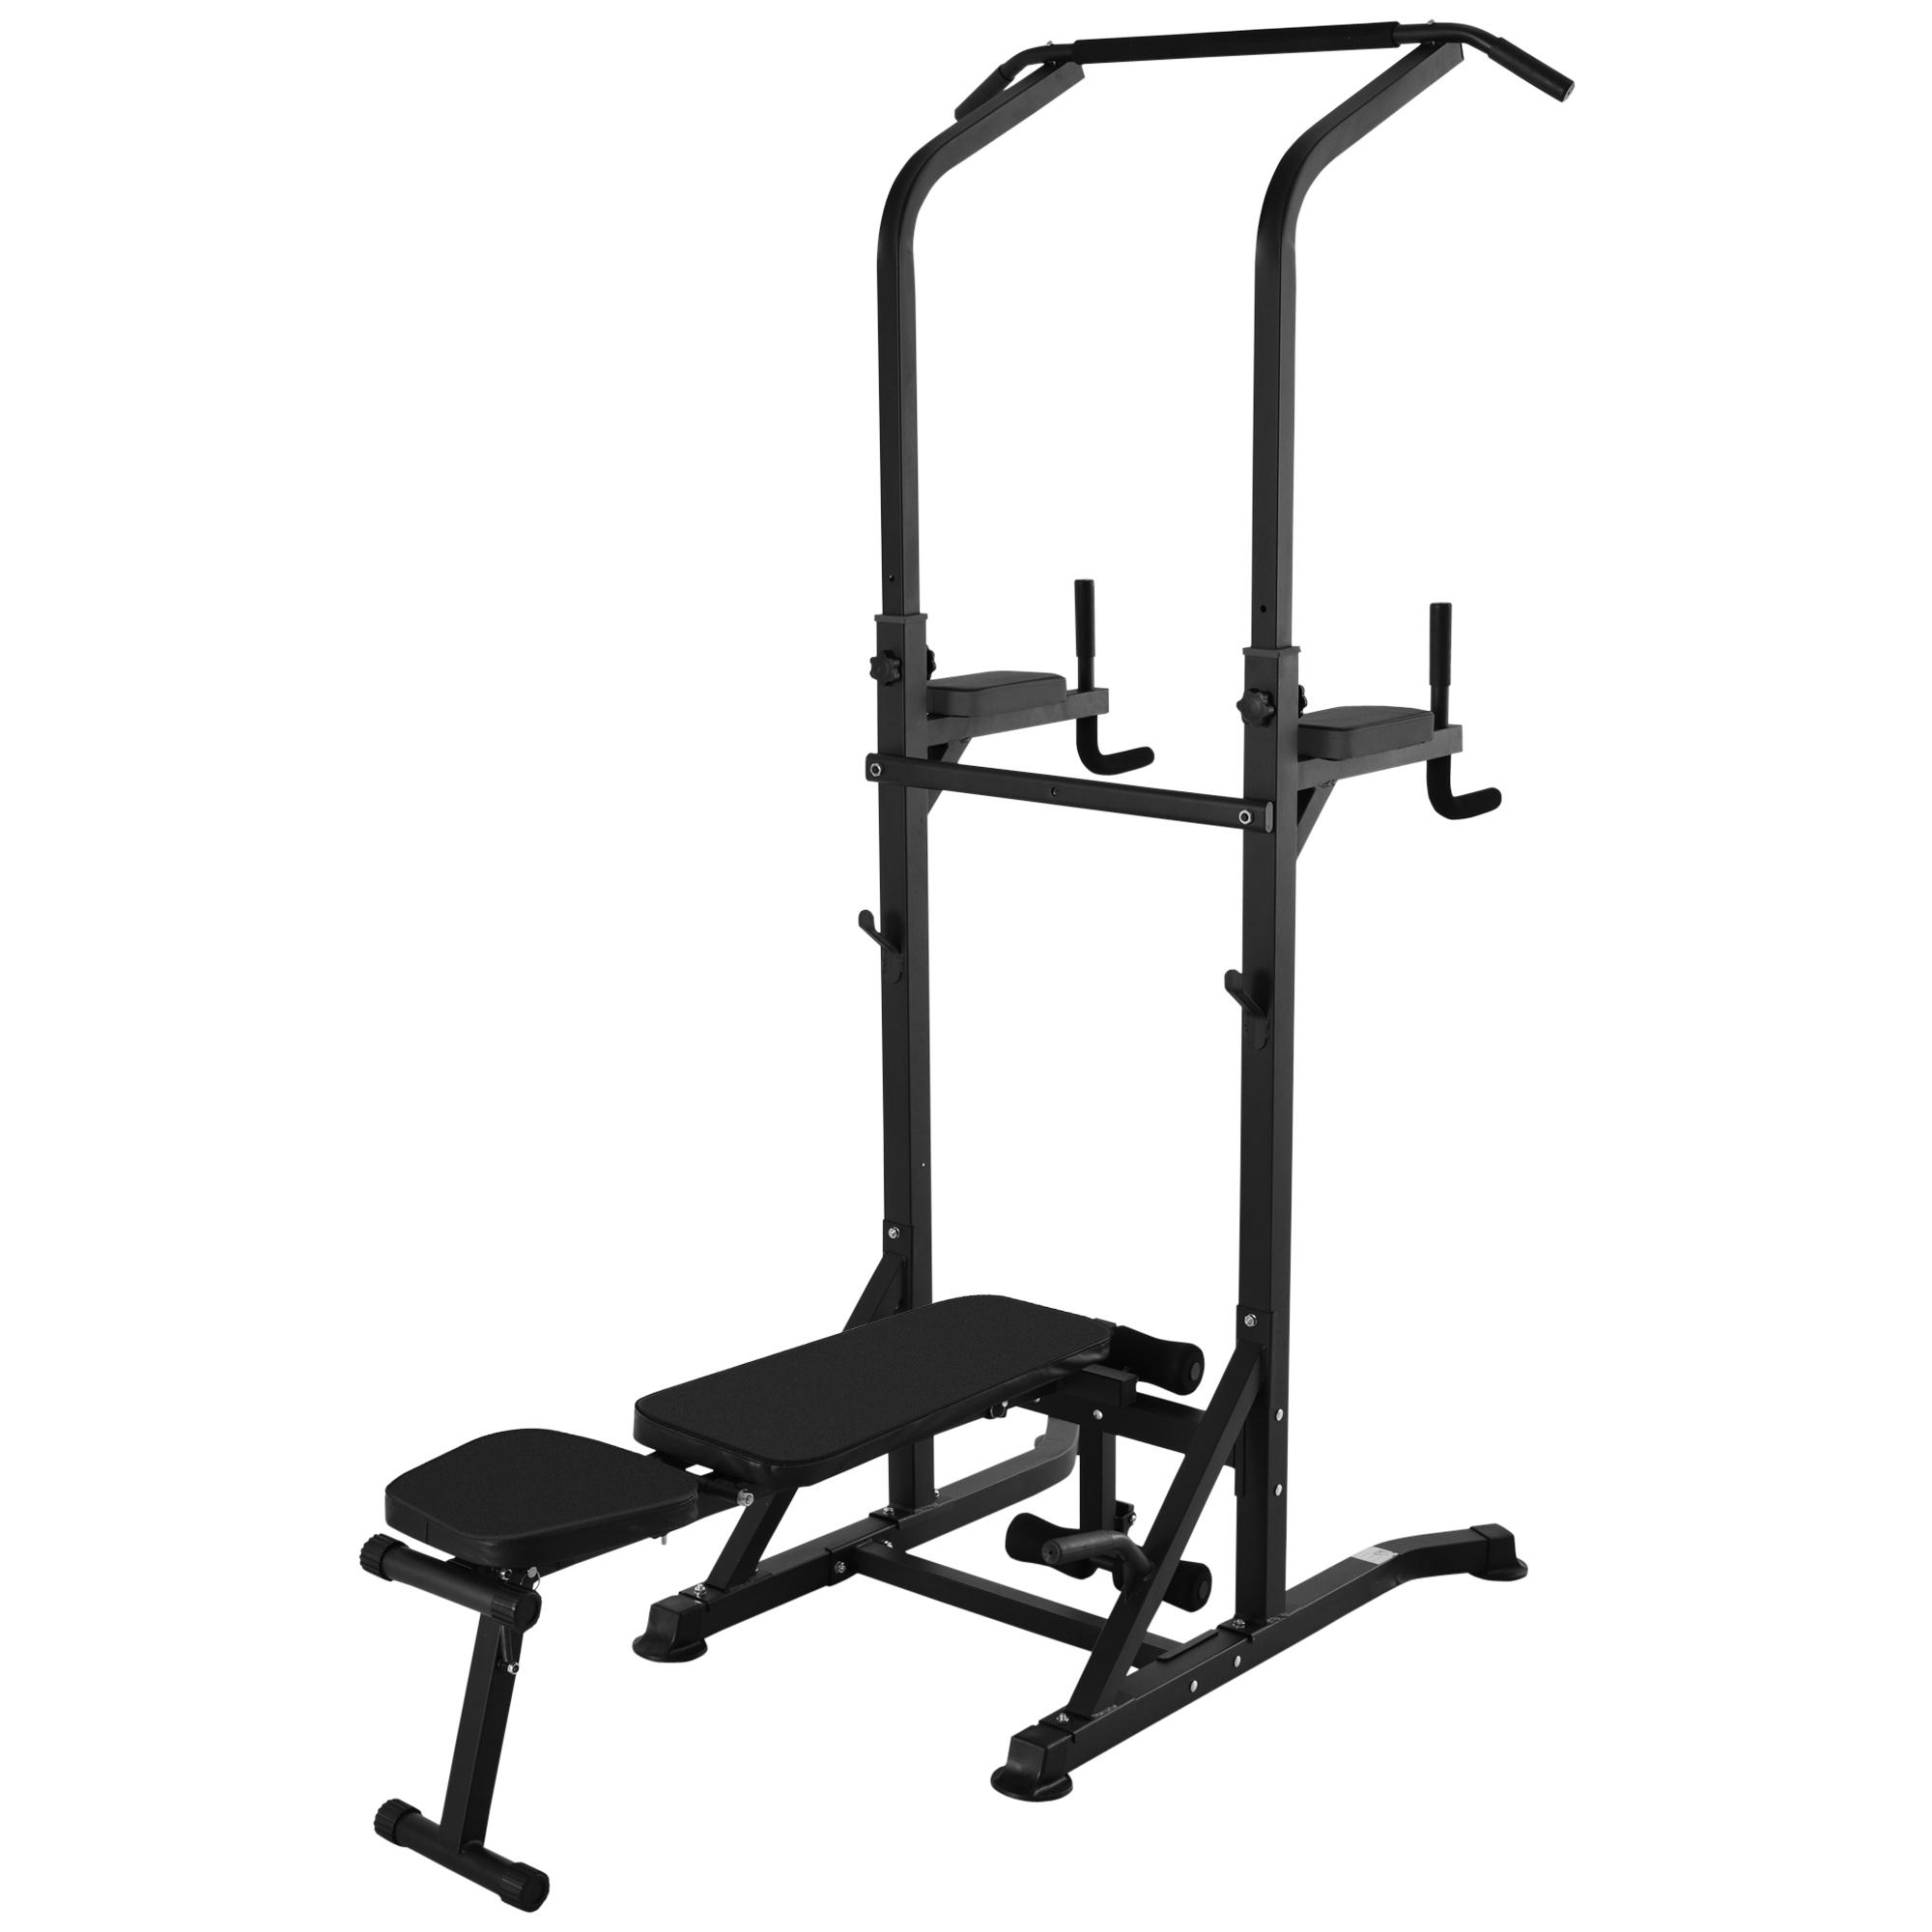 Station de musculation Fitness entrainement complet acier A91-092BK